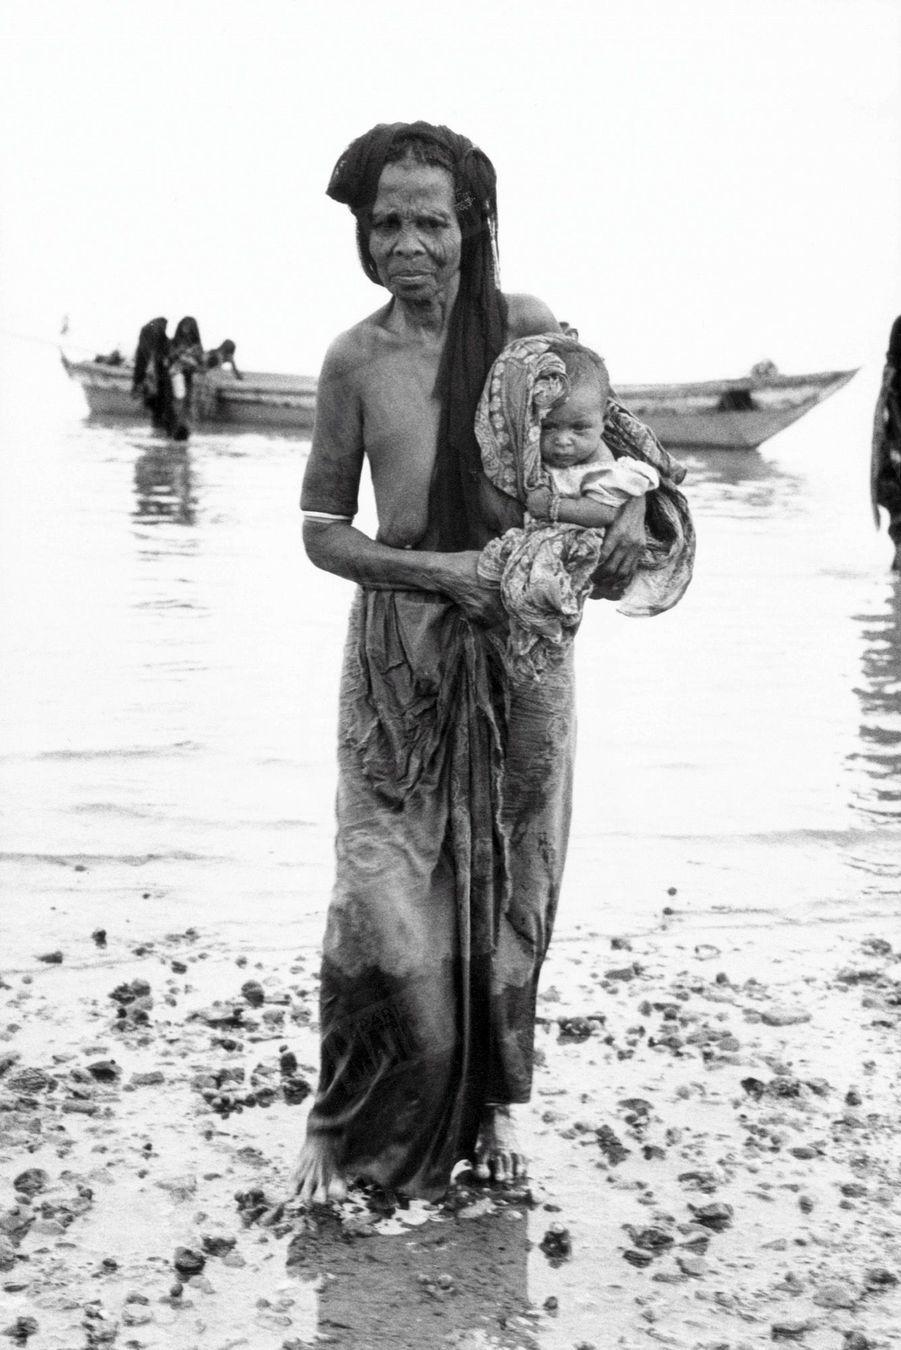 Une réfugiée érythréenne avec un enfant dans les bras aborde les côtes du Yémen, fuyant les combats qui opposent son peuple à l'Ethiopie, en 1977.